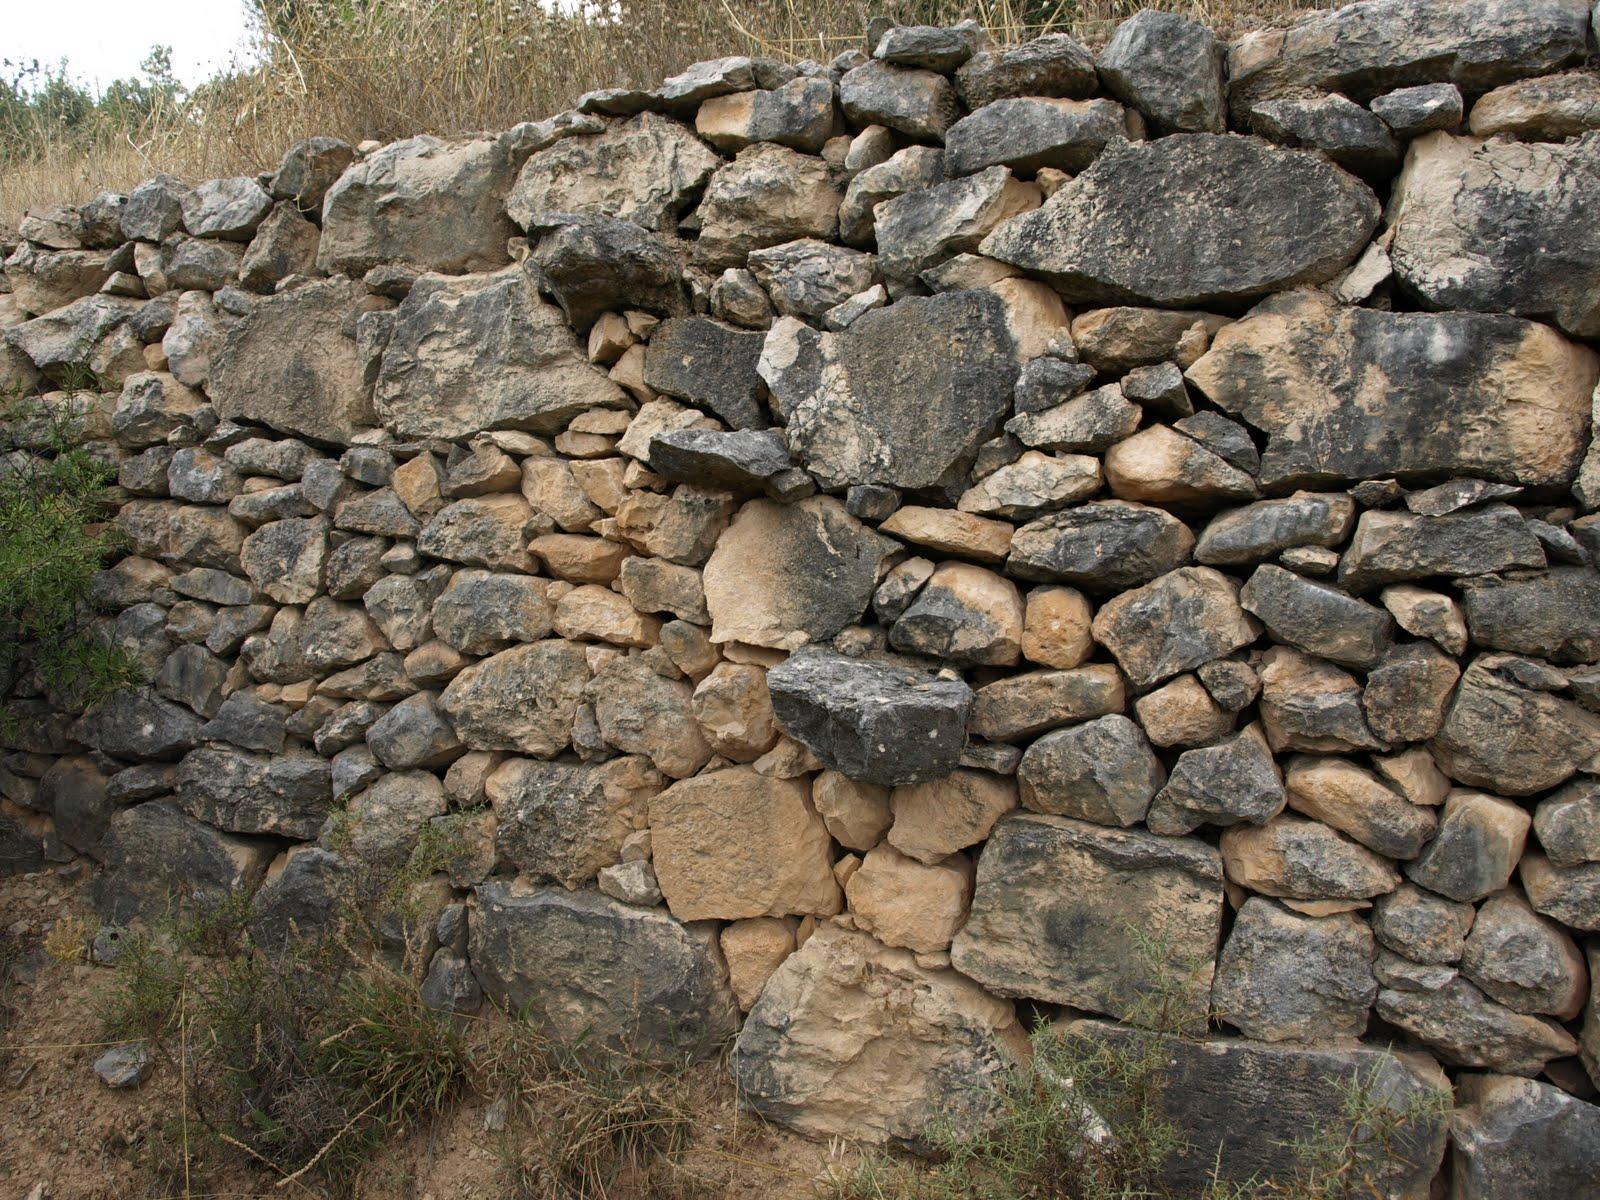 Escalera de piedra en una tabla filitoblog - Escalones de piedra ...